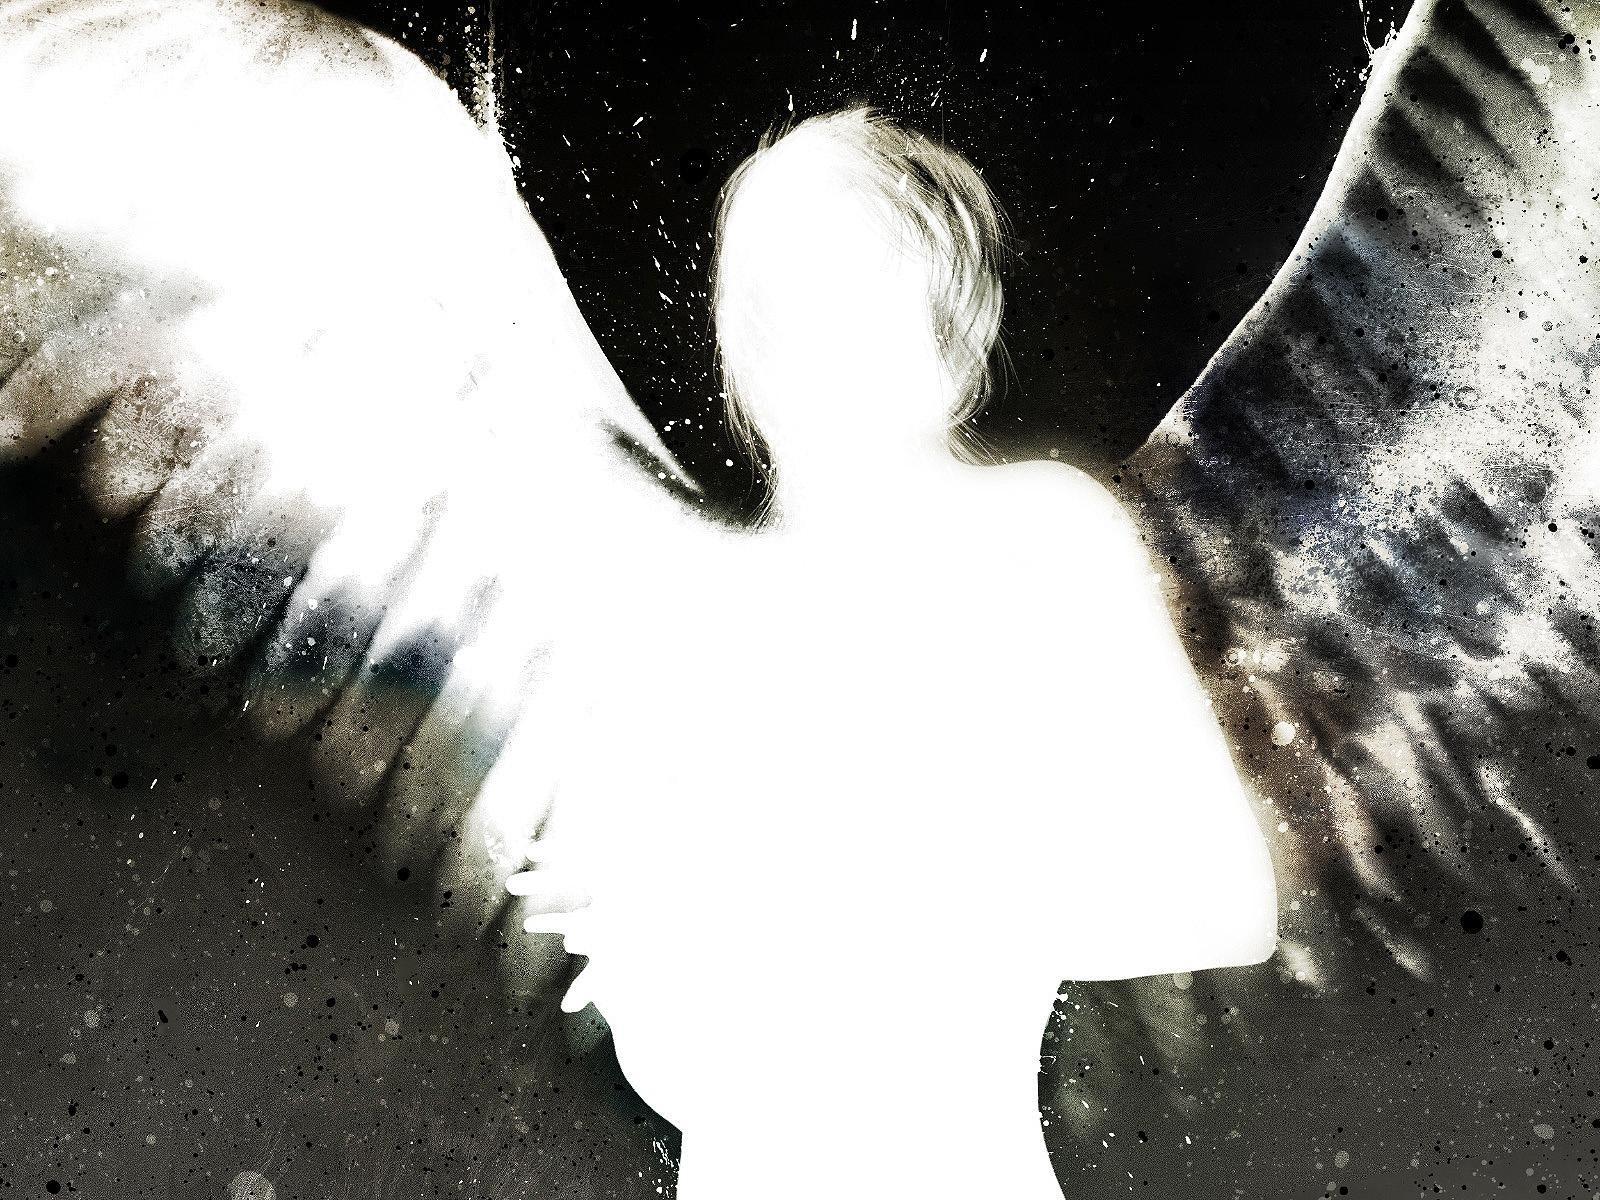 Картинки надписью, черно белые картинки ангелов мужчин